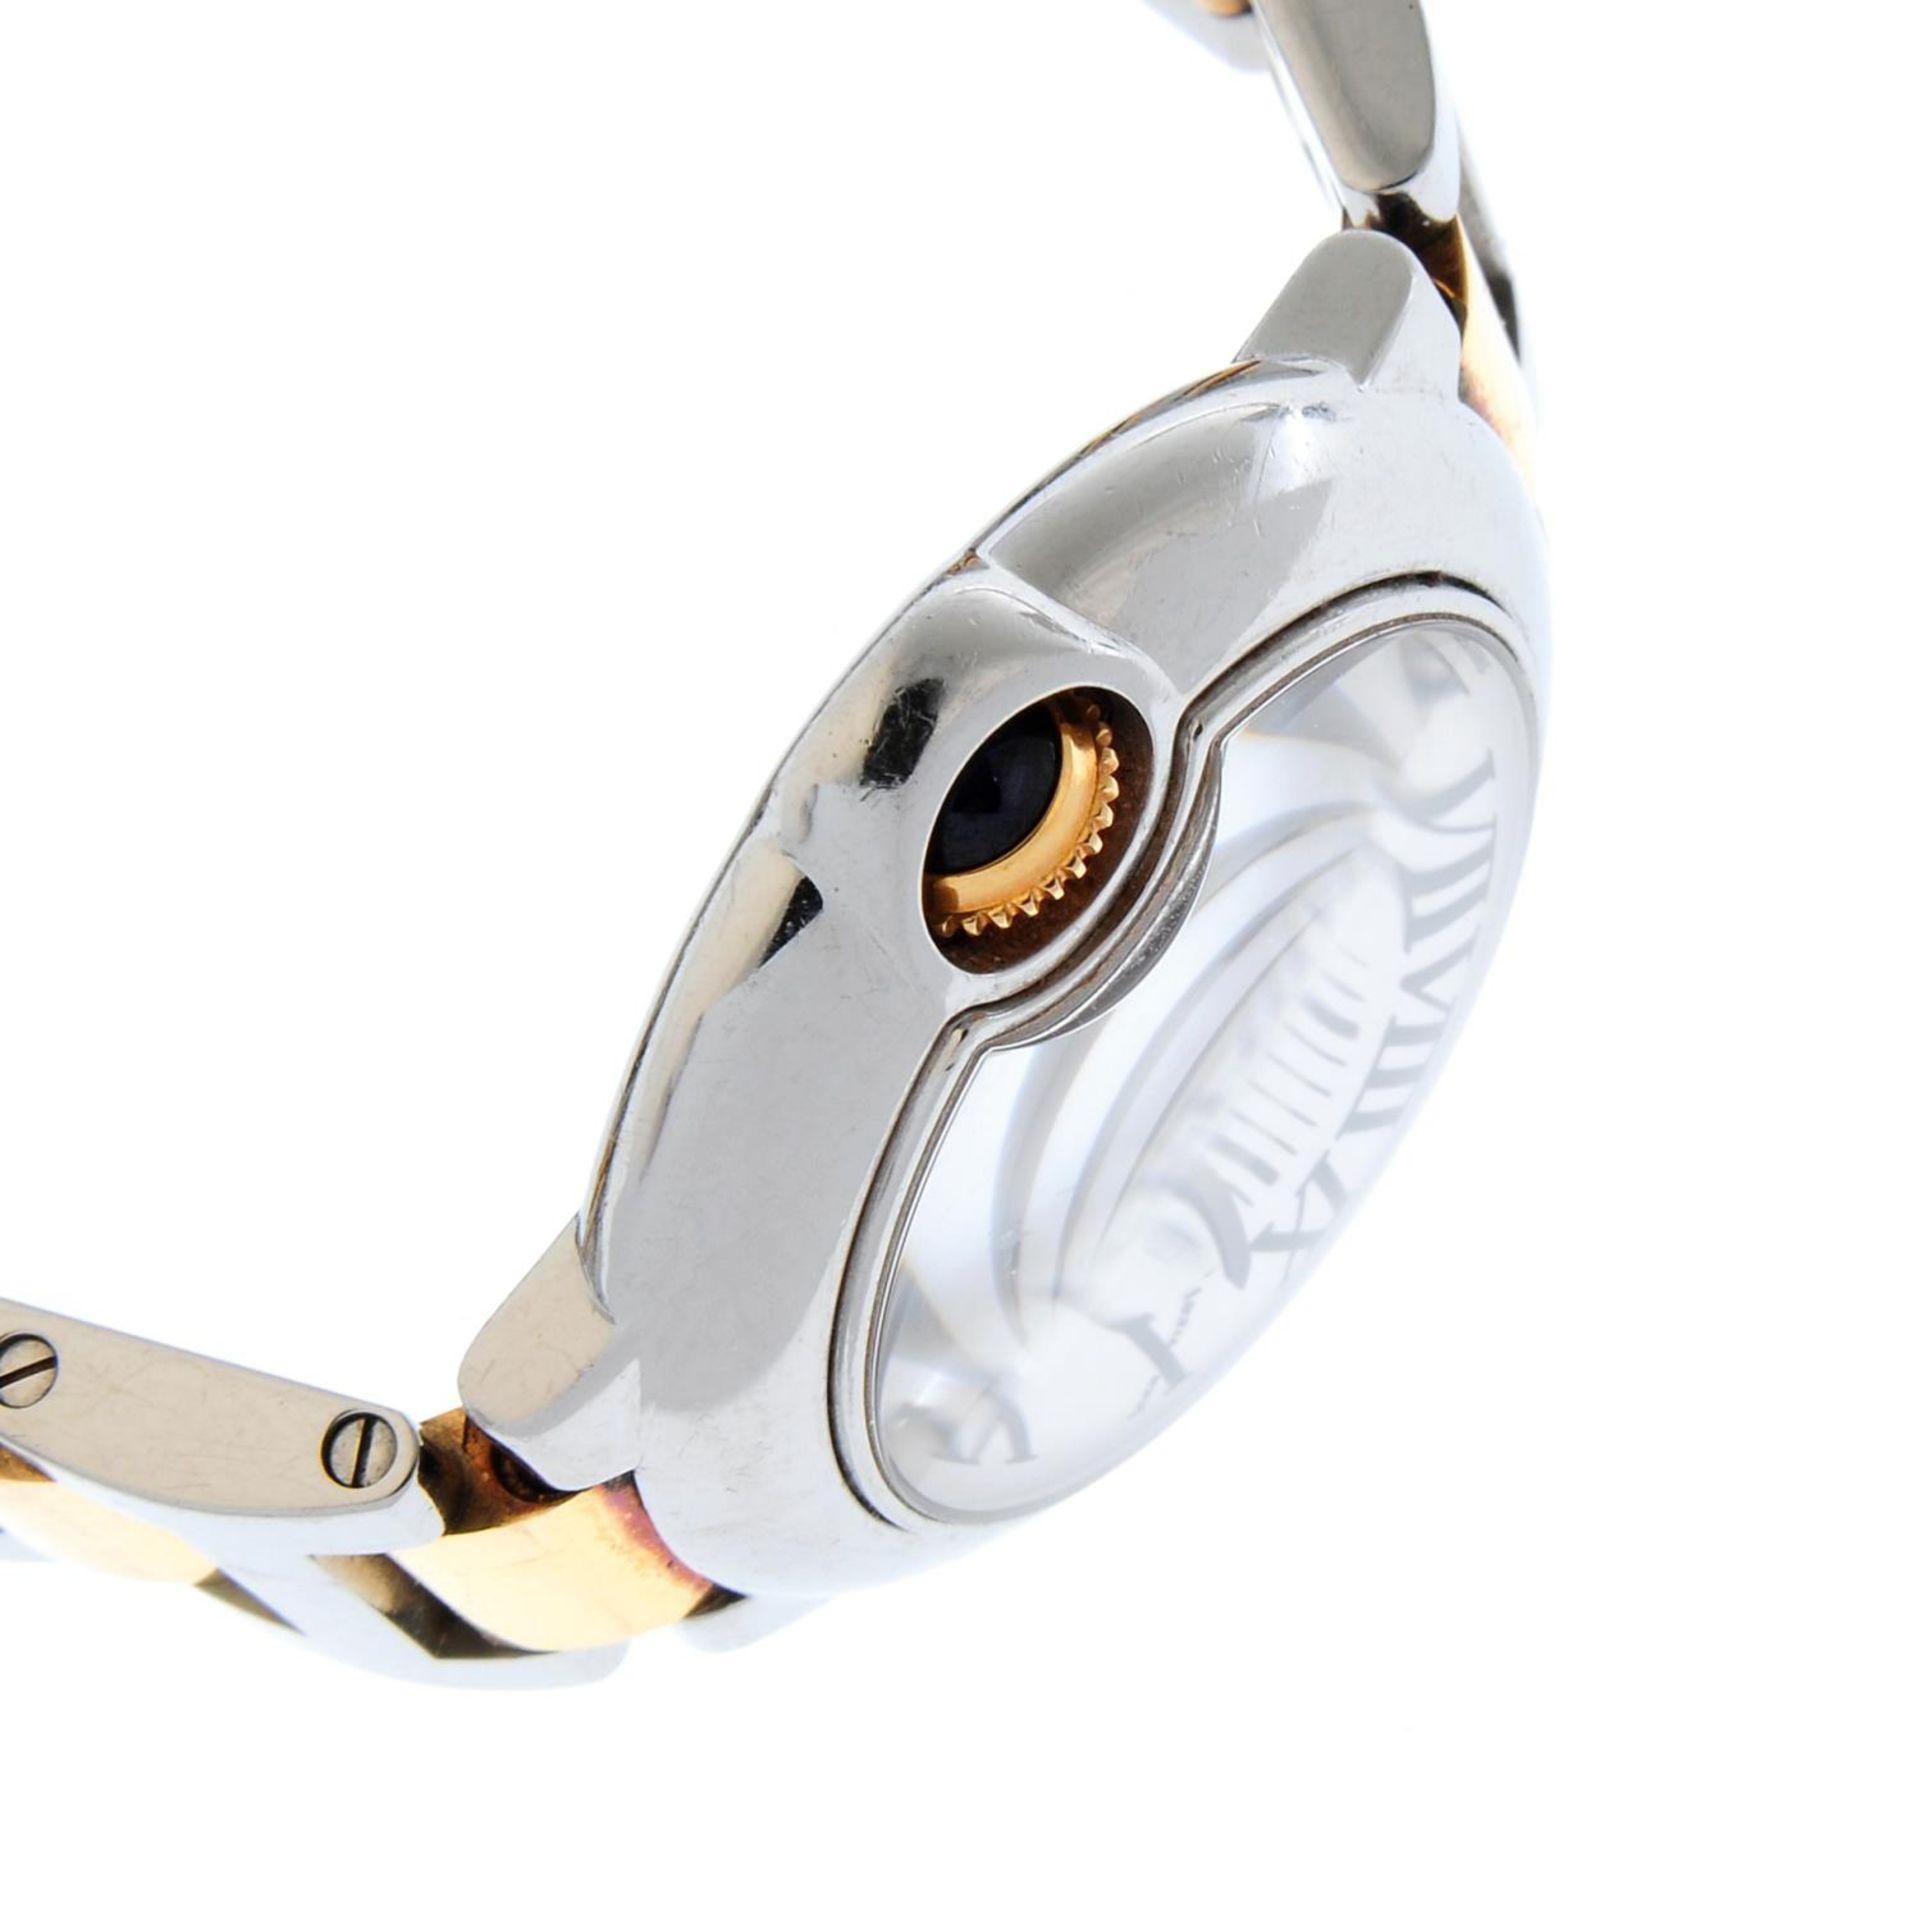 CARTIER - a Ballon Bleu bracelet watch. - Bild 4 aus 5